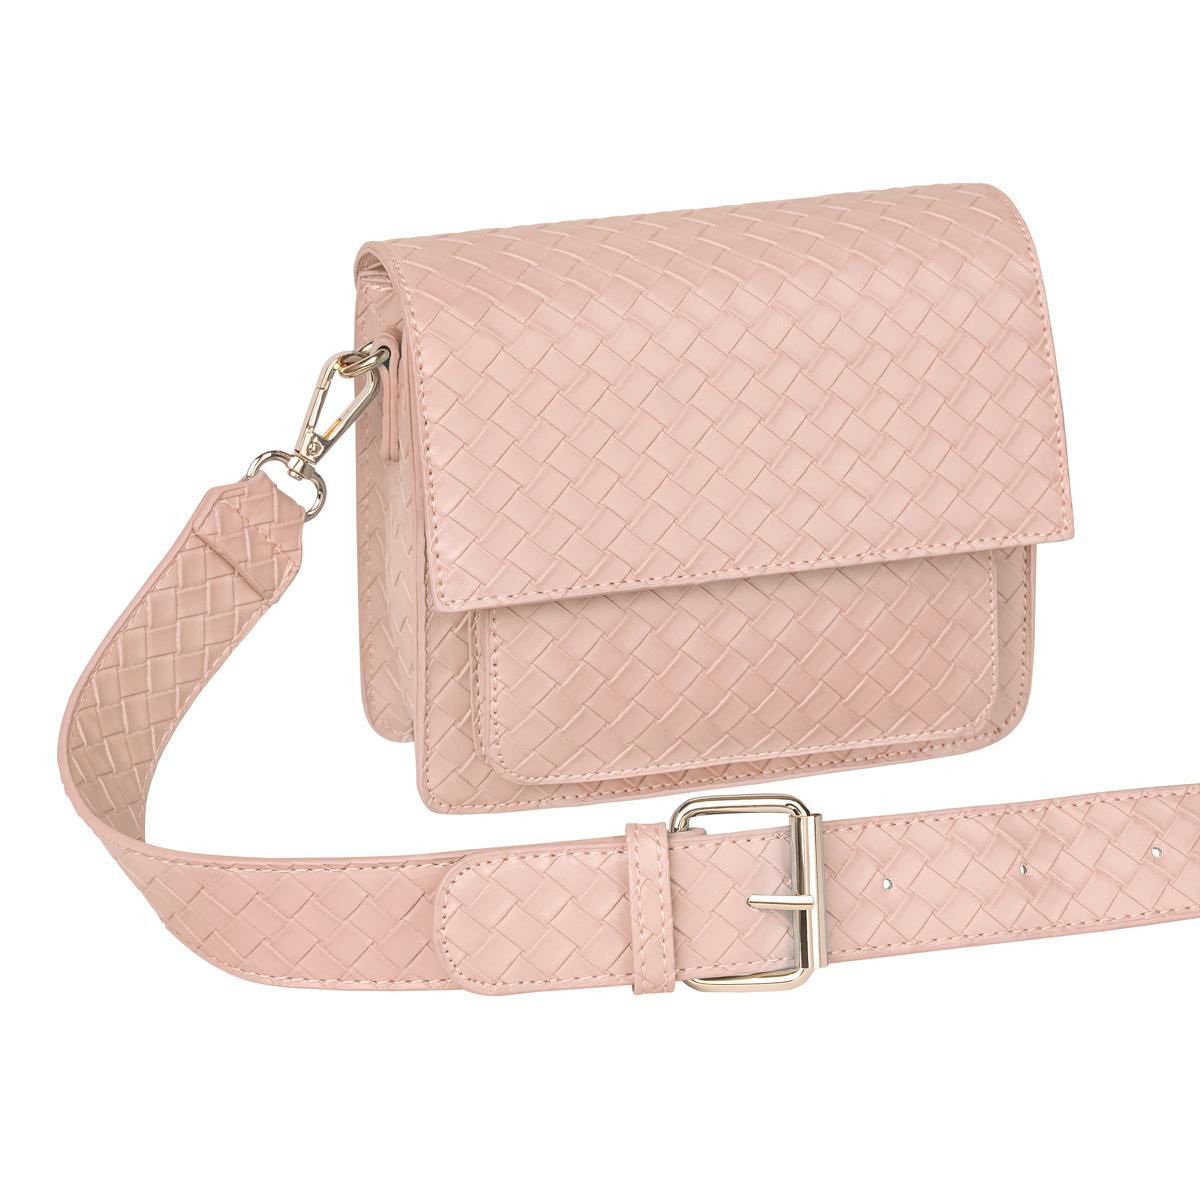 Tasche braided